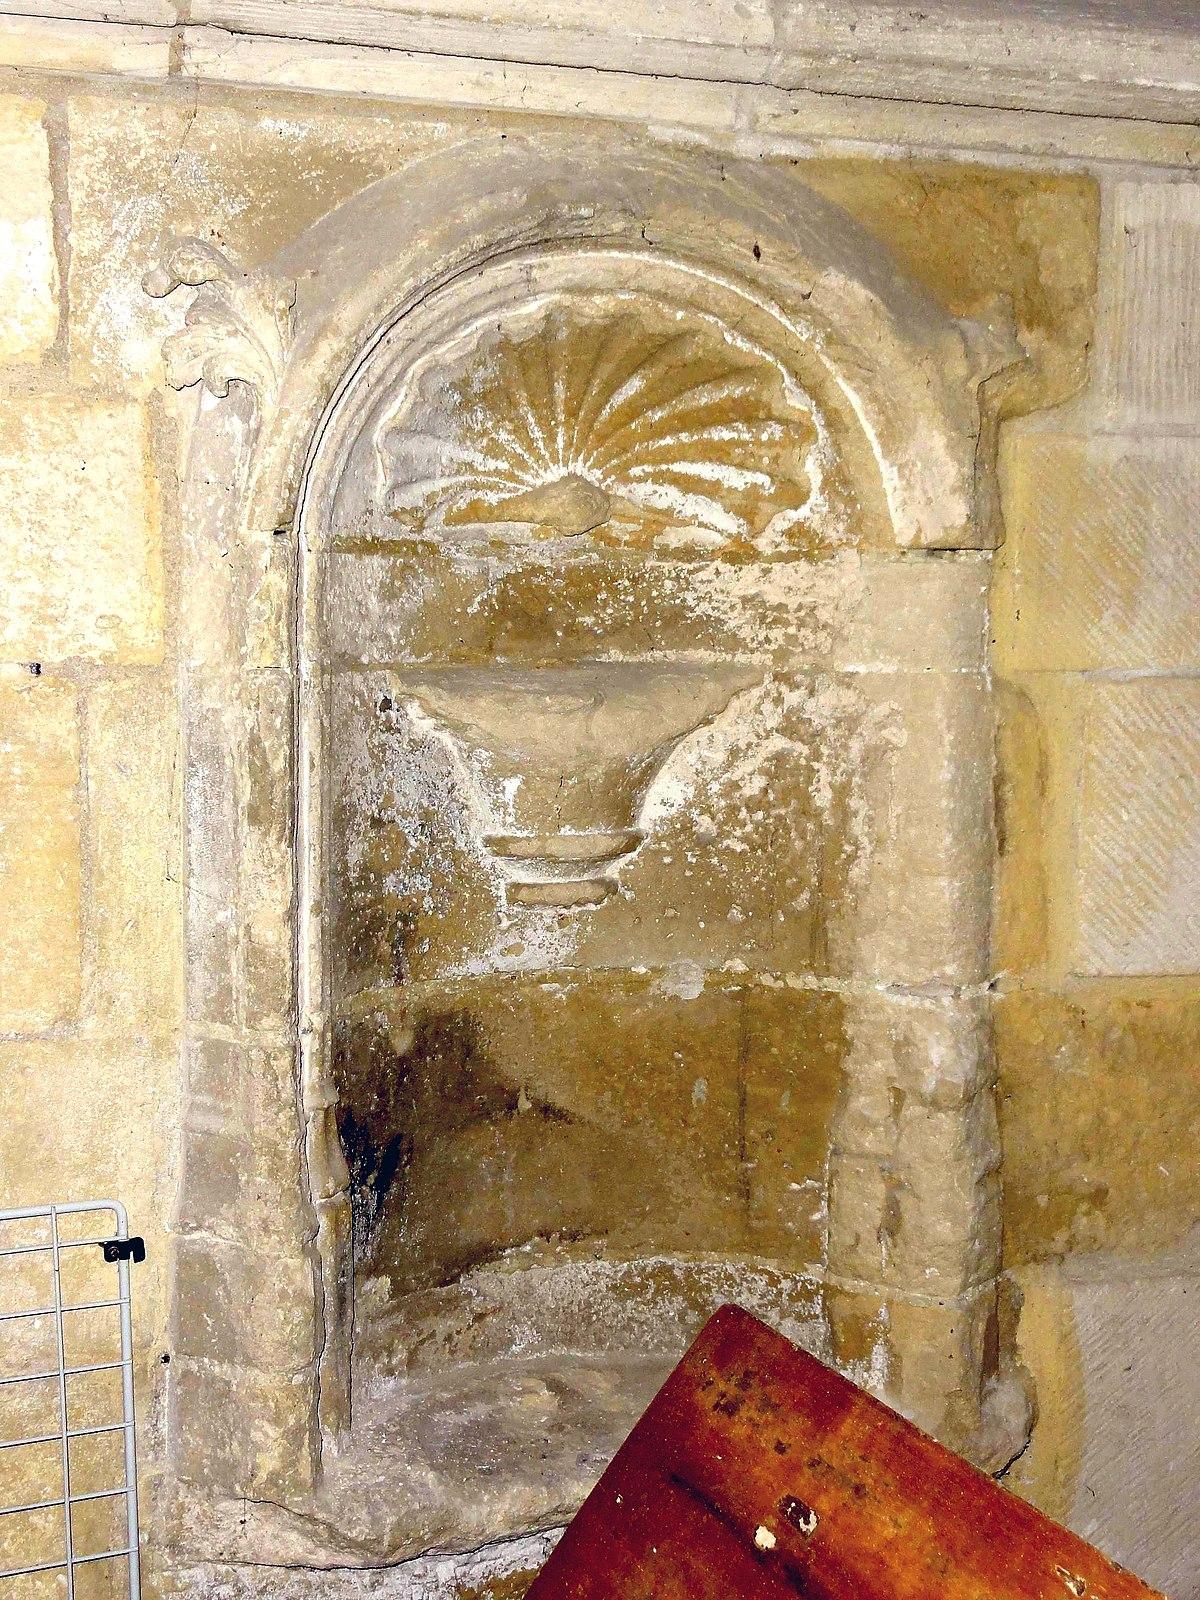 File:le Mesnil-Amelot (77), Église Saint-Martin ... concernant Piscine Du Mesnil Amelot